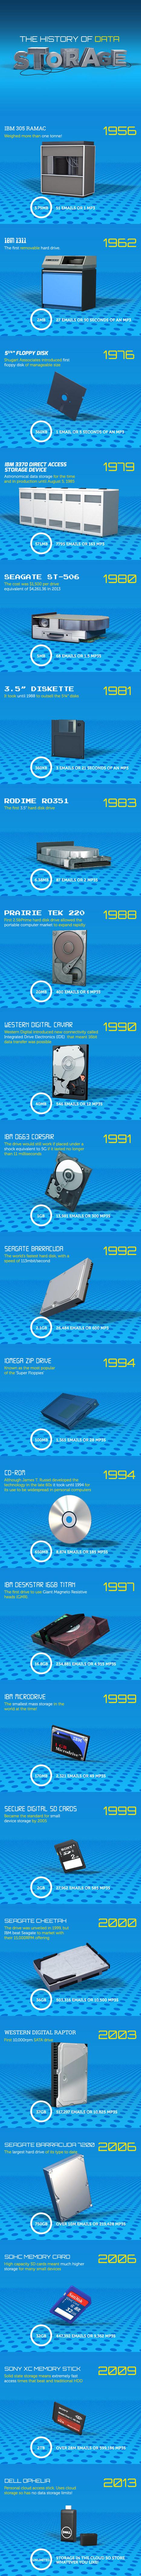 Historia del almacenamiento de datos #infografia #infographic | As TIC e a educação do séc.XXI | Scoop.it